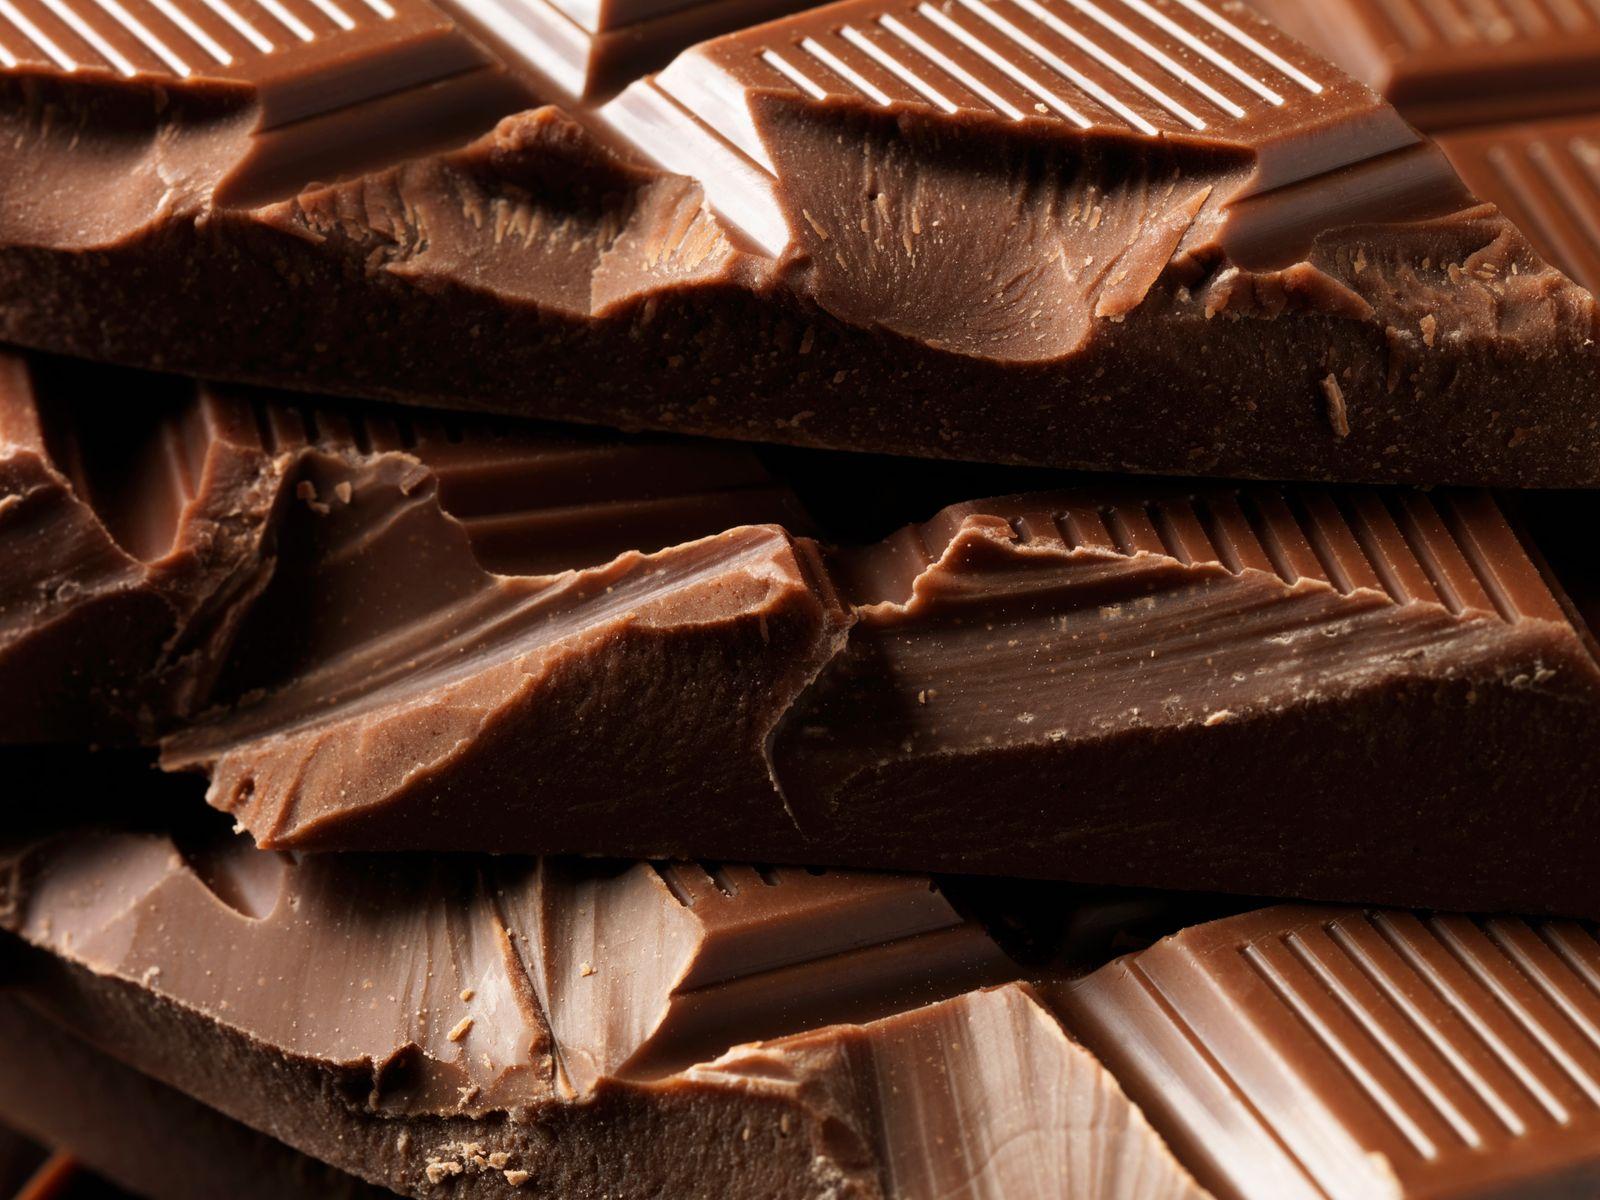 NICHT MEHR VERWENDEN! - Schokolade / Schokoladentafeln